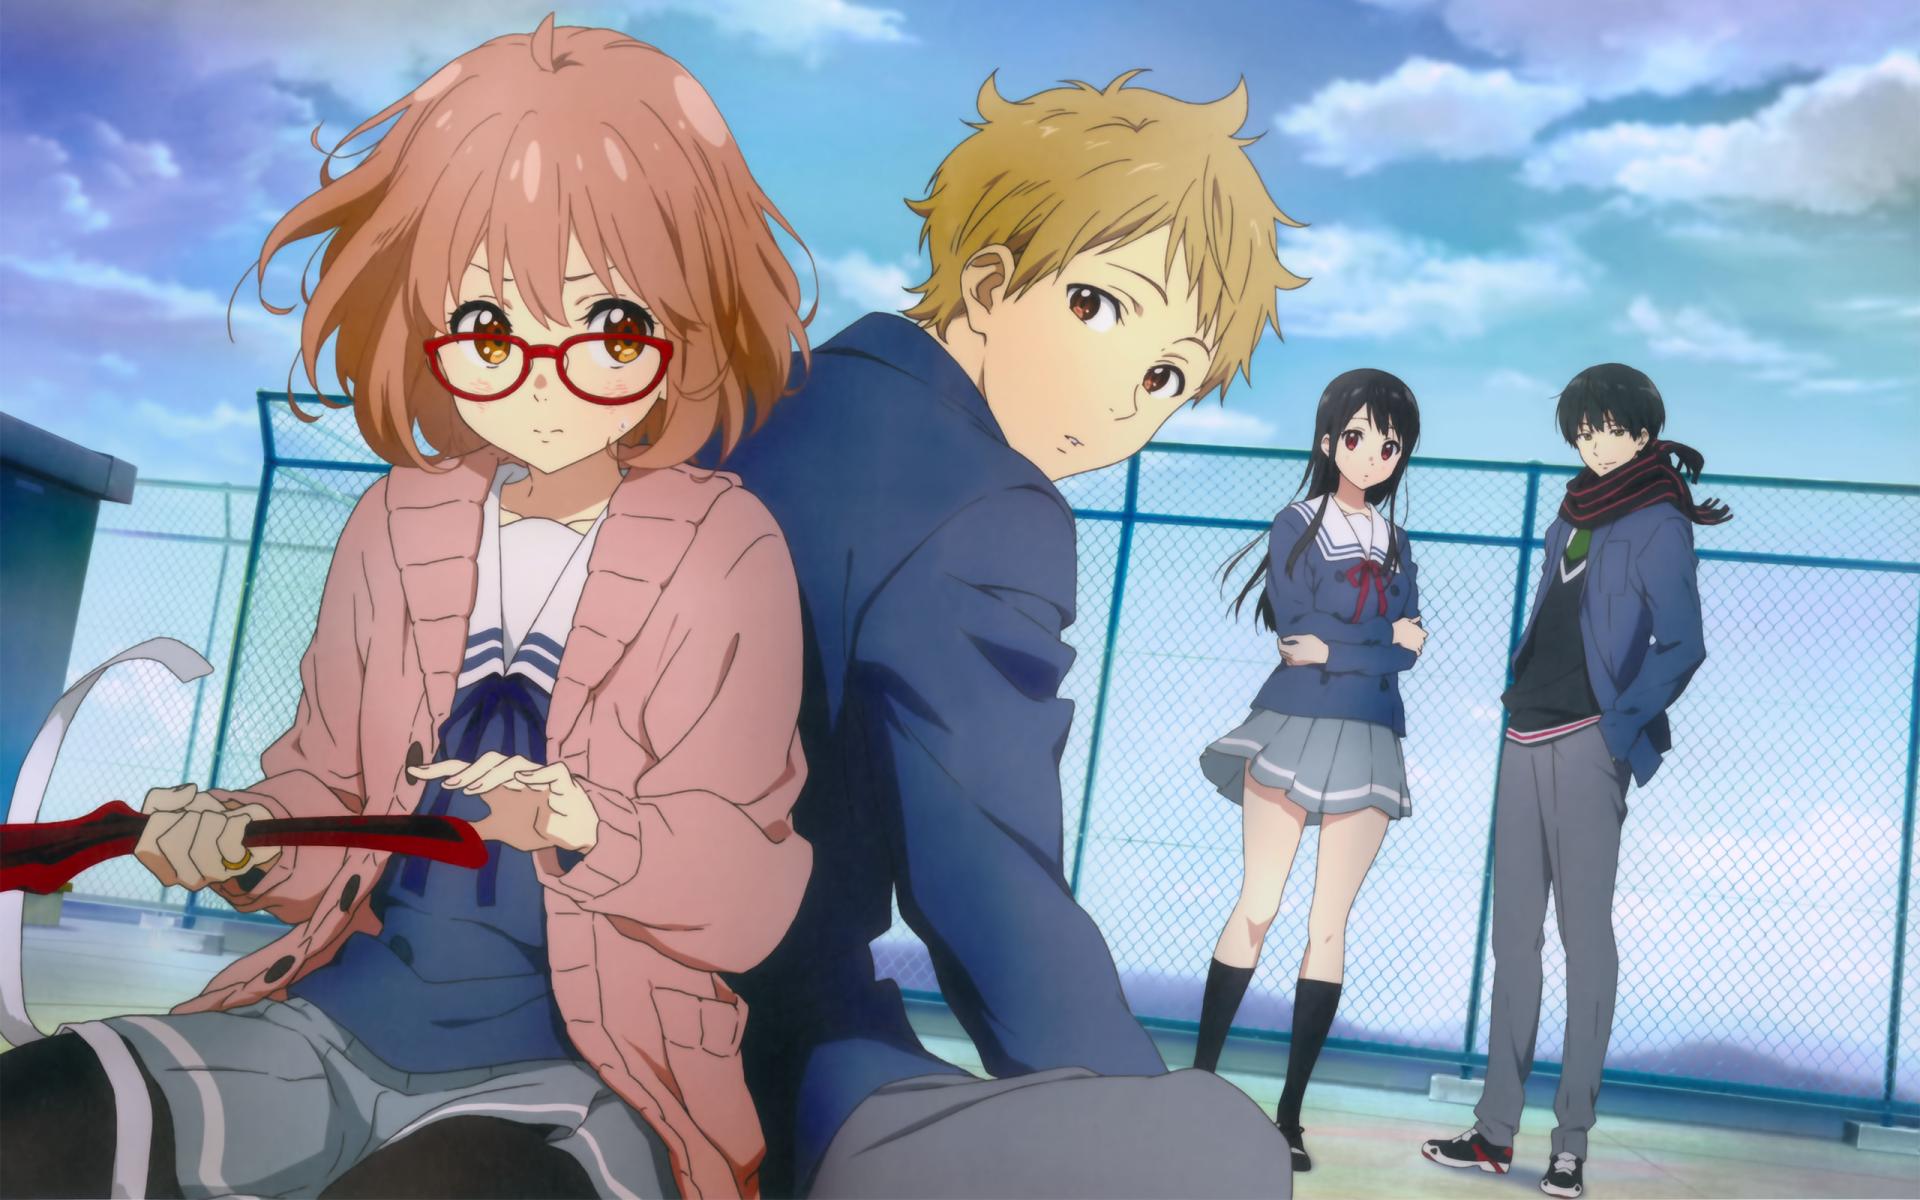 Anime Beyond The Boundary Mirai Kuriyama Akihito Kanbara